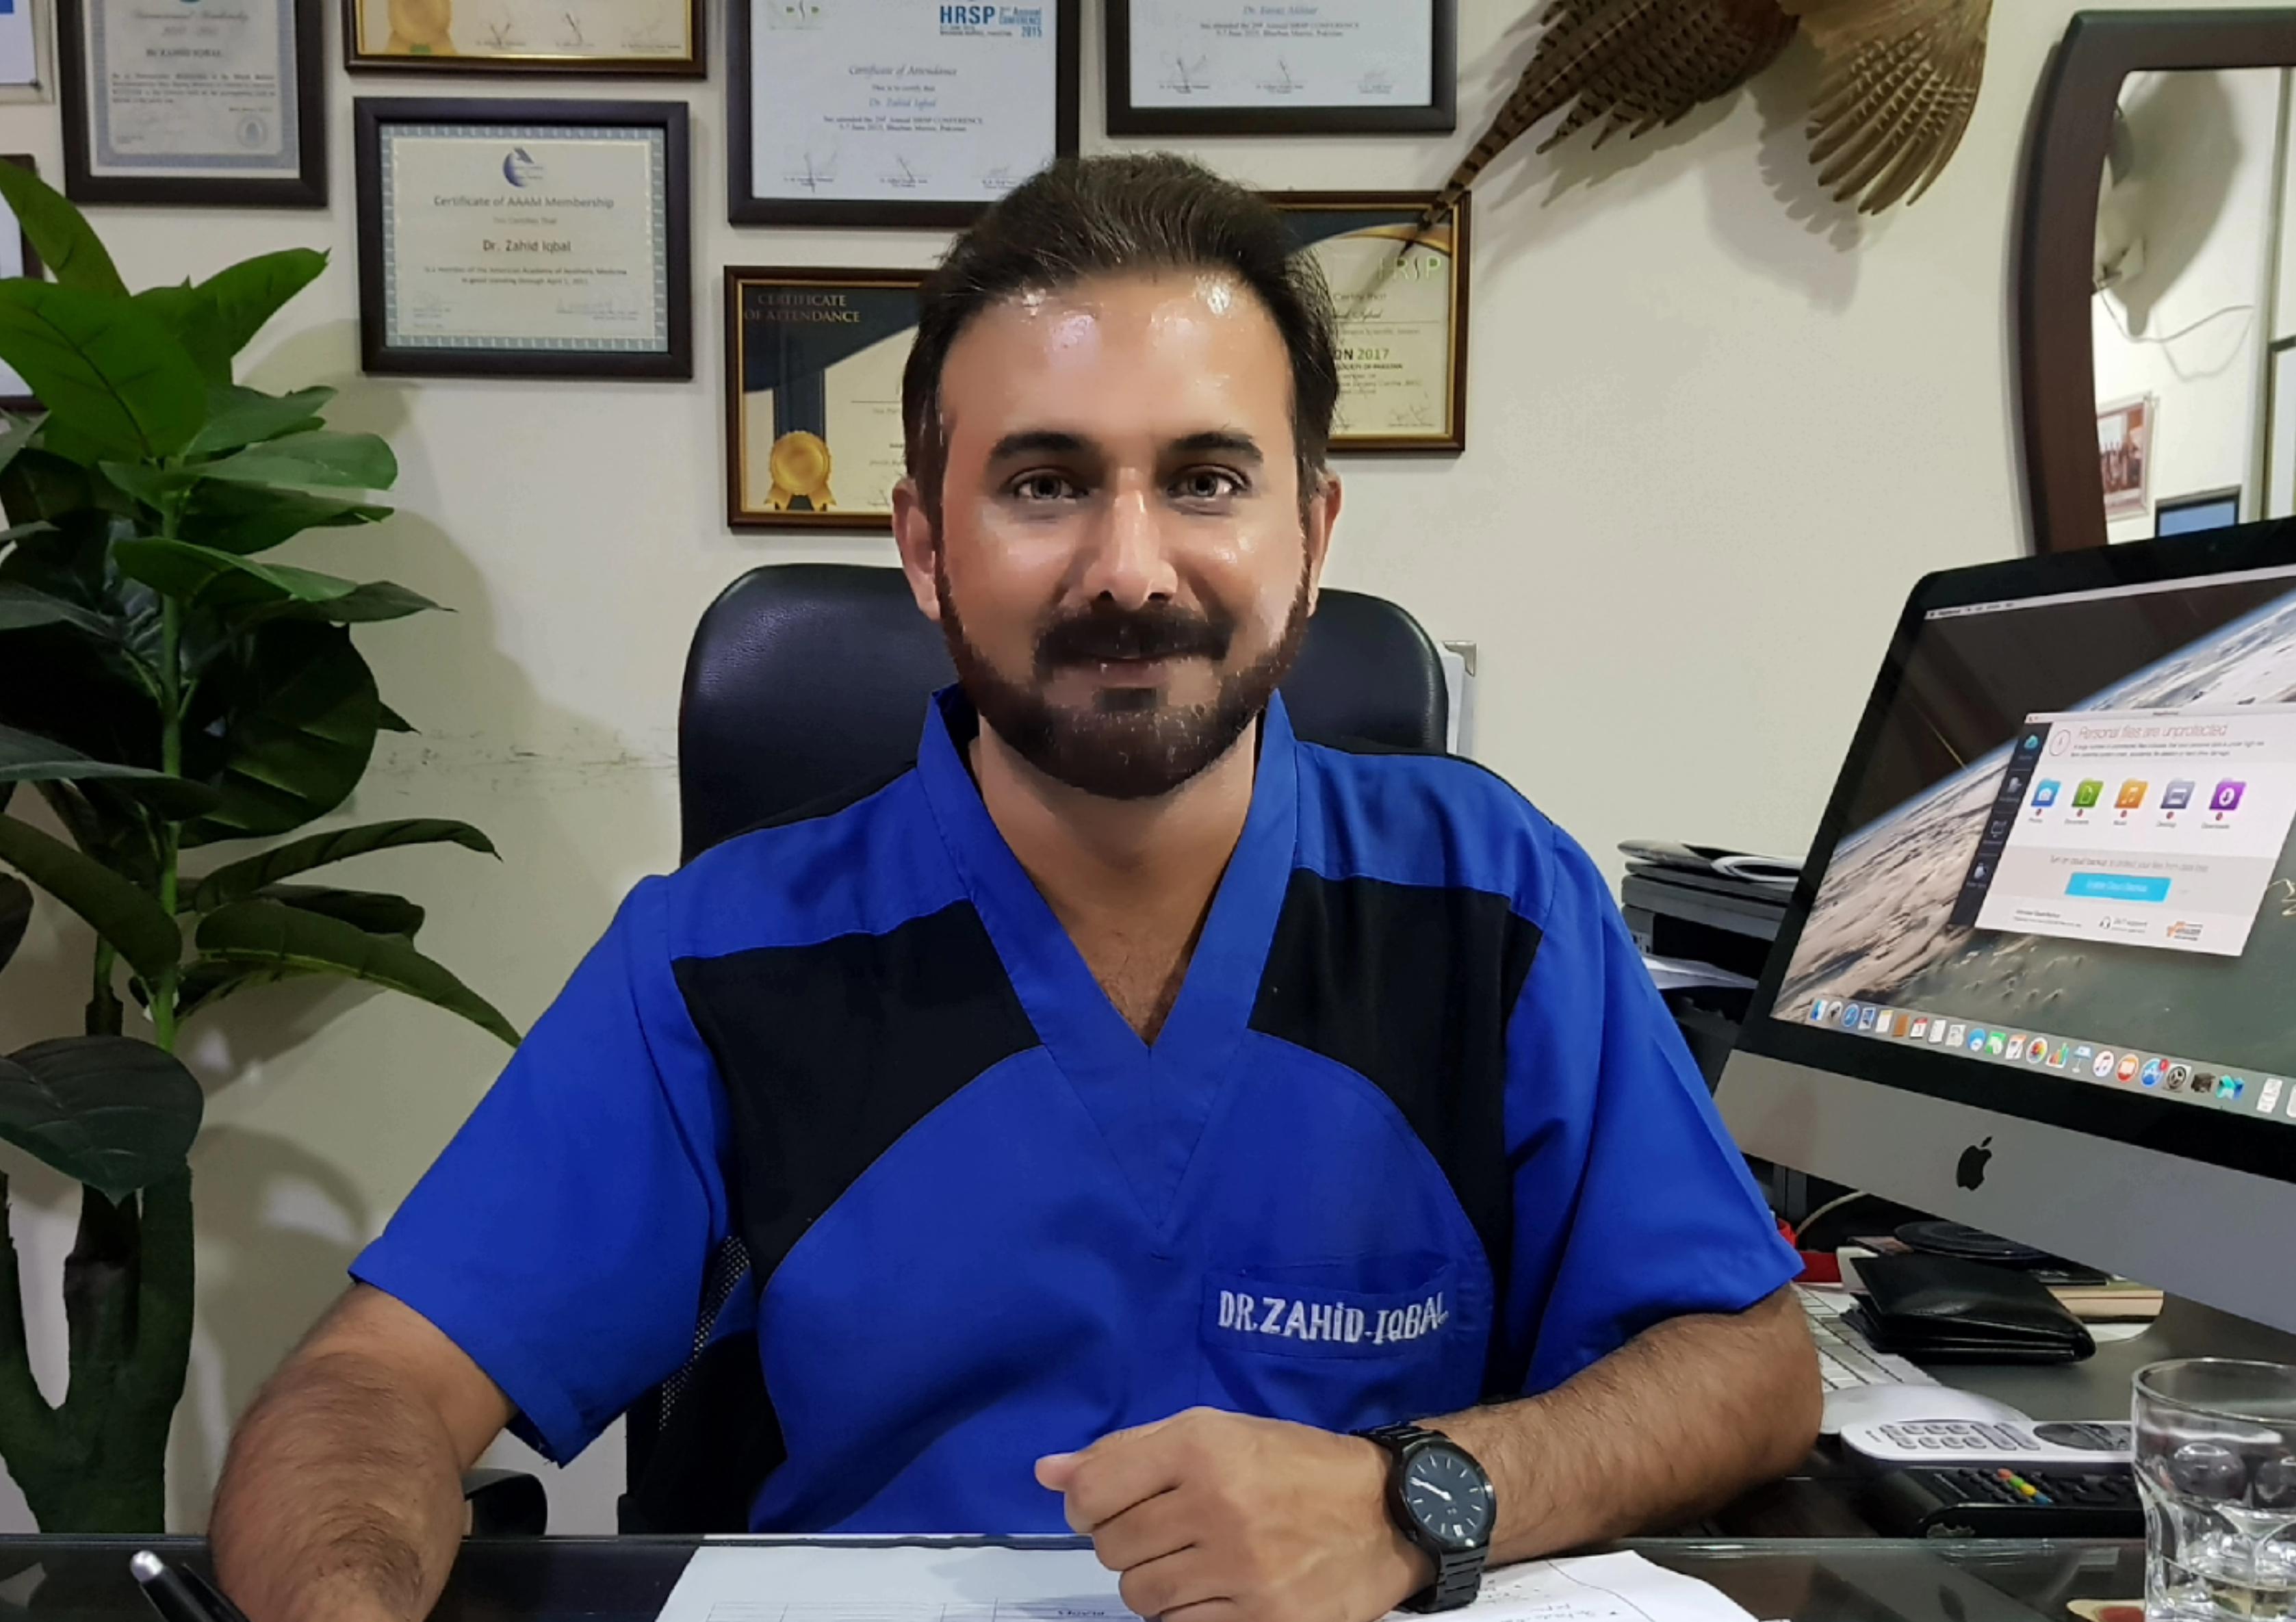 Dr Zahid Iqbal